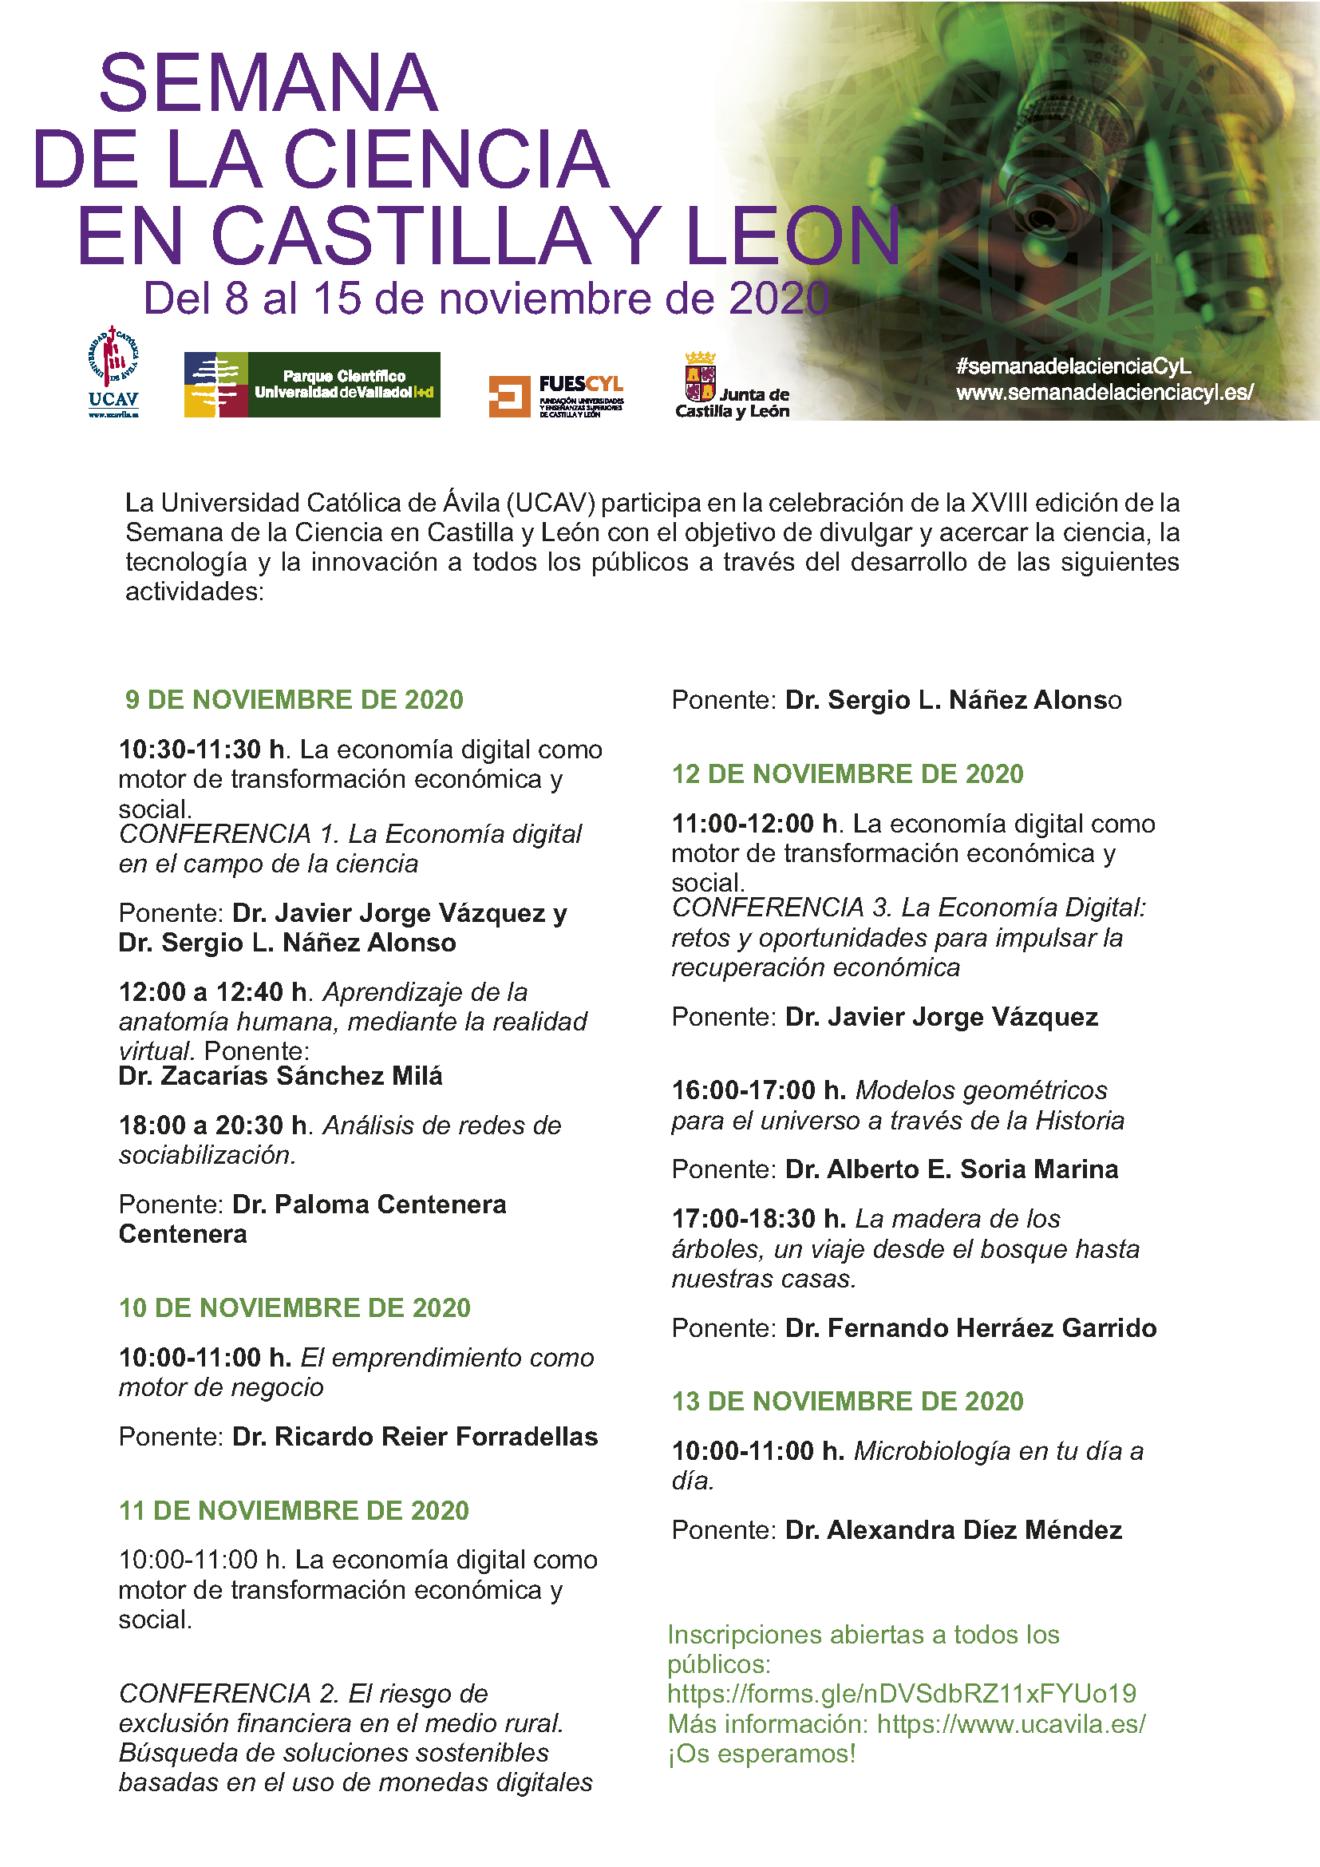 La UCAV participará en la XVIII Semana de la Ciencia en Castilla y León